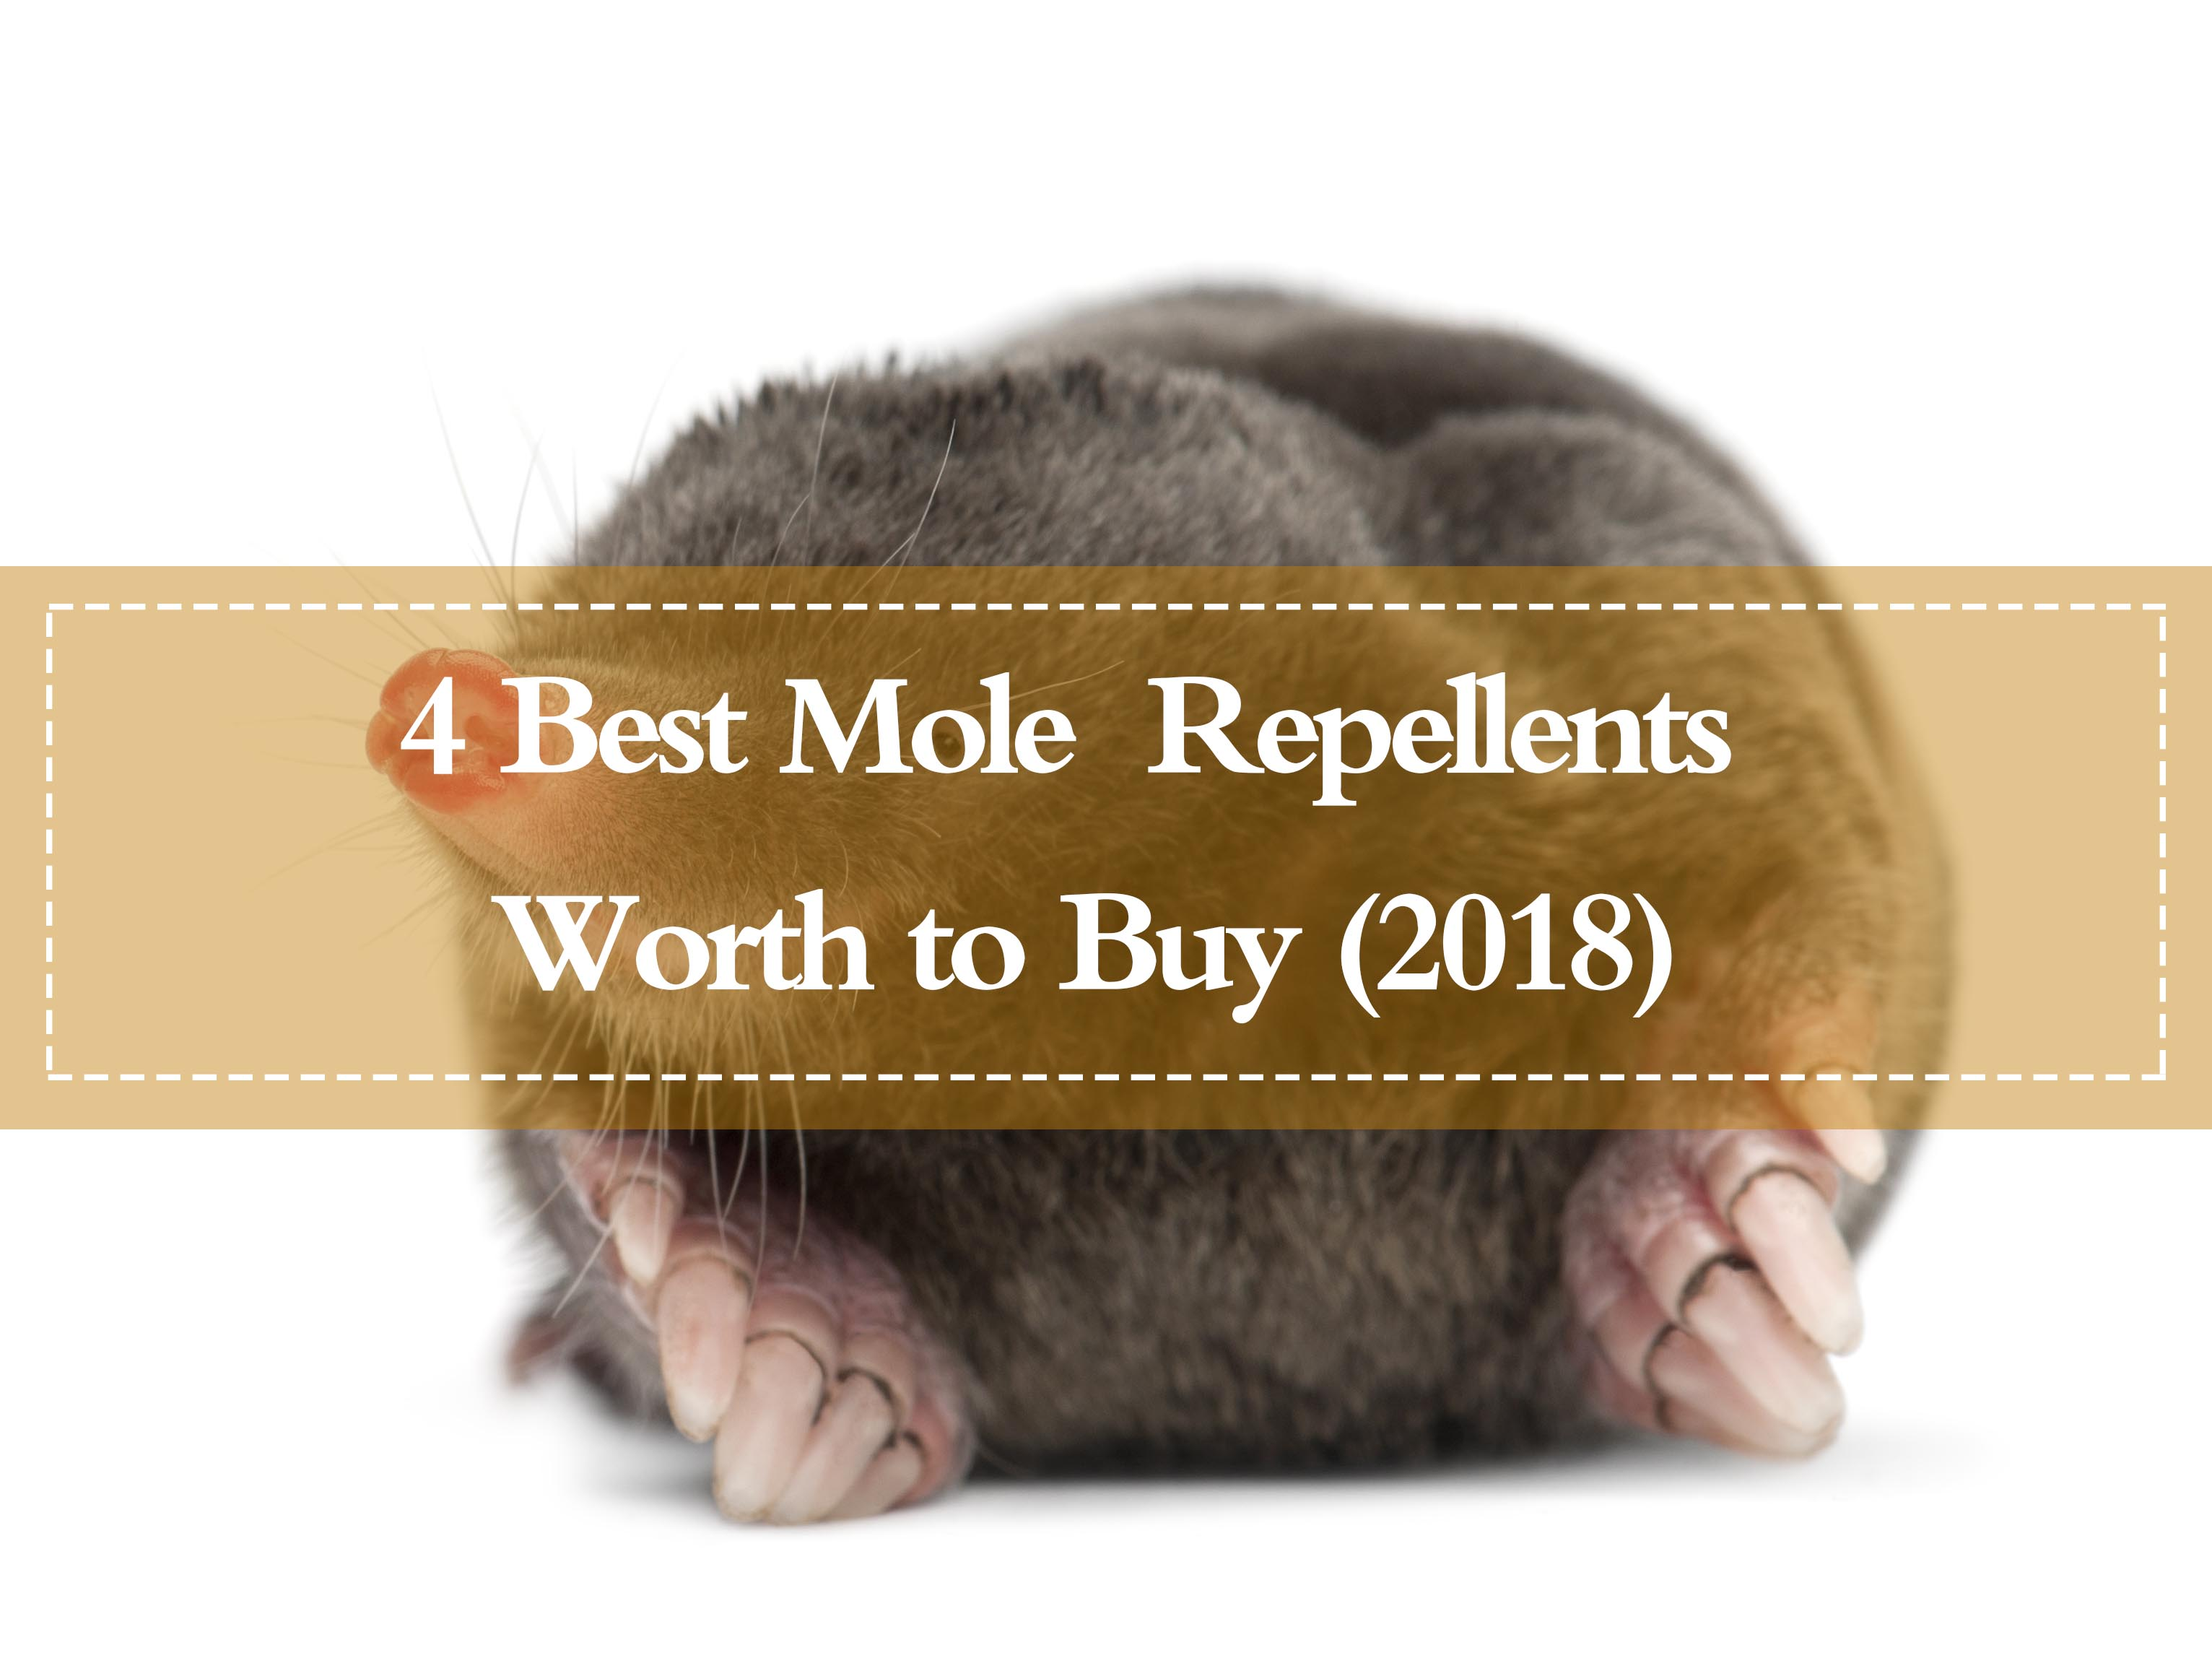 Top 4 Best Mole Repellents Worth to Buy